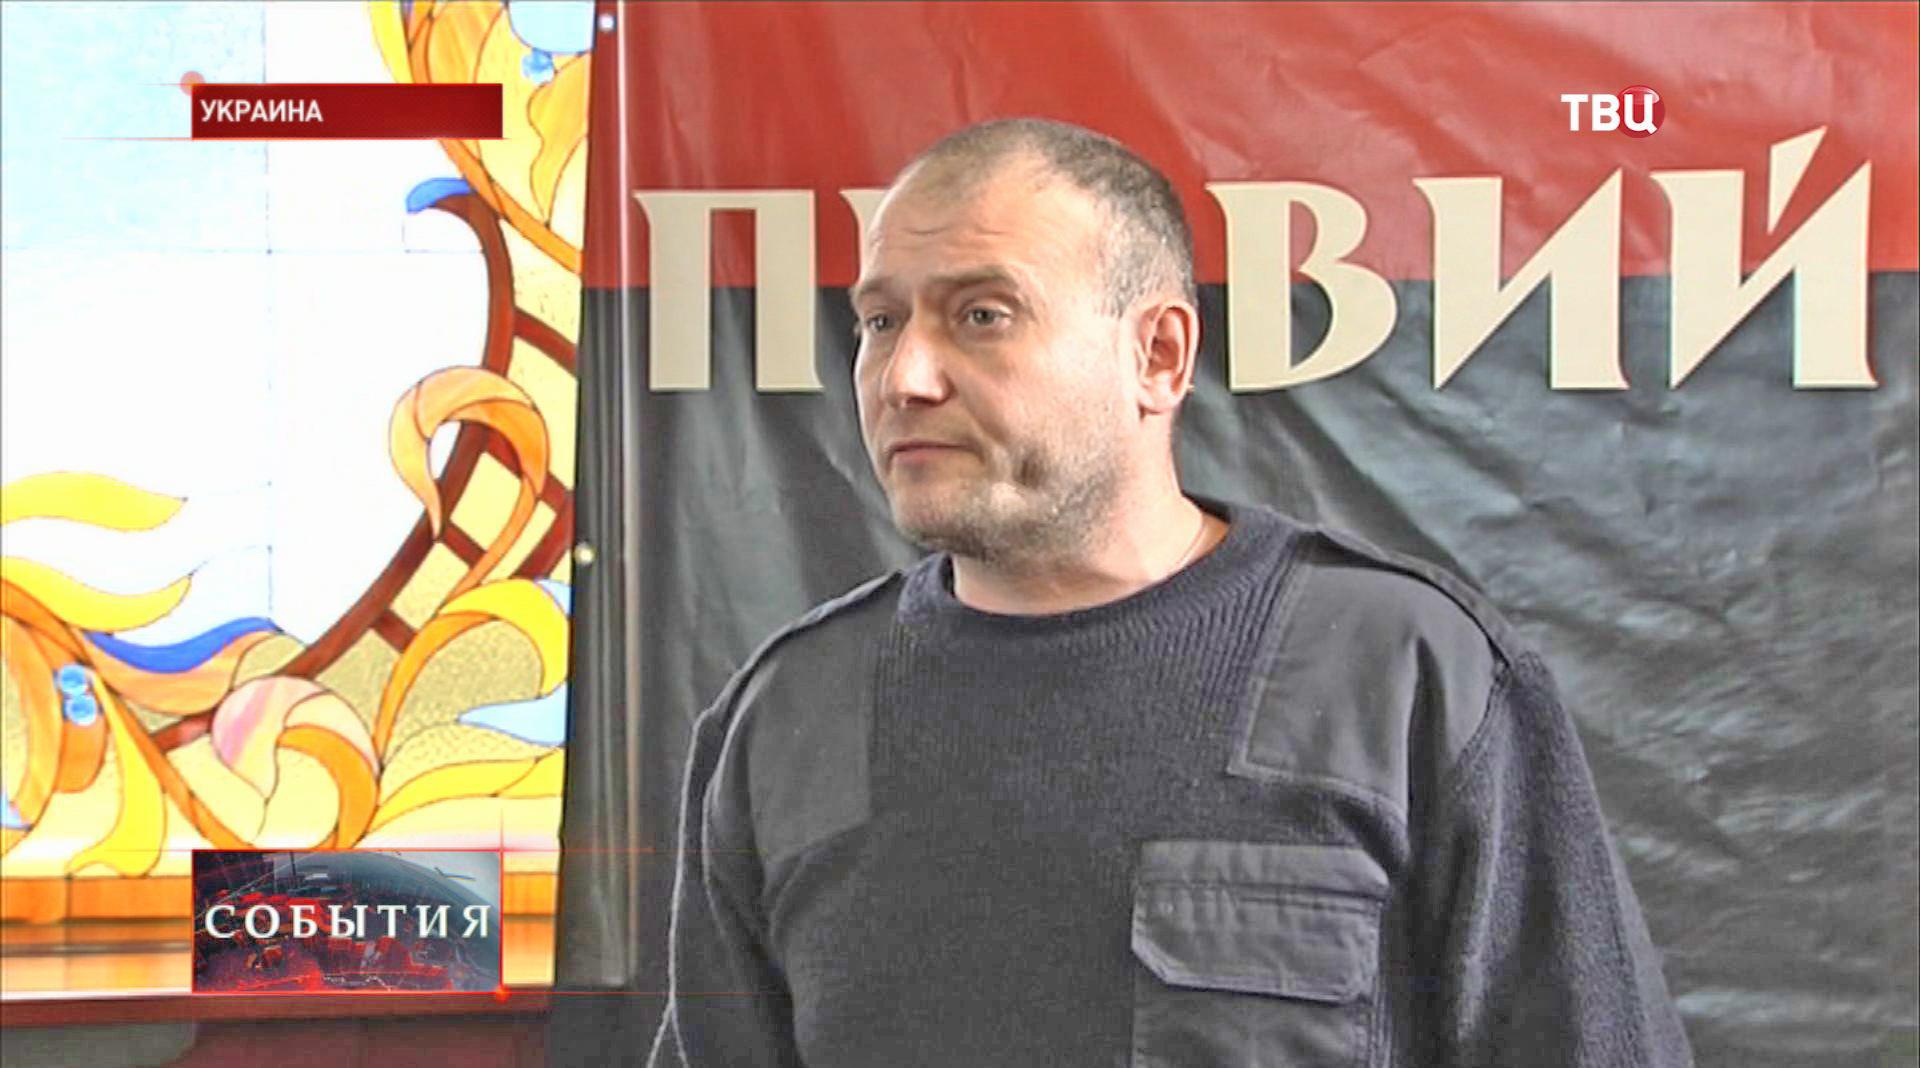 """Активист """"Правого сектора"""" Дмитрий Ярош"""